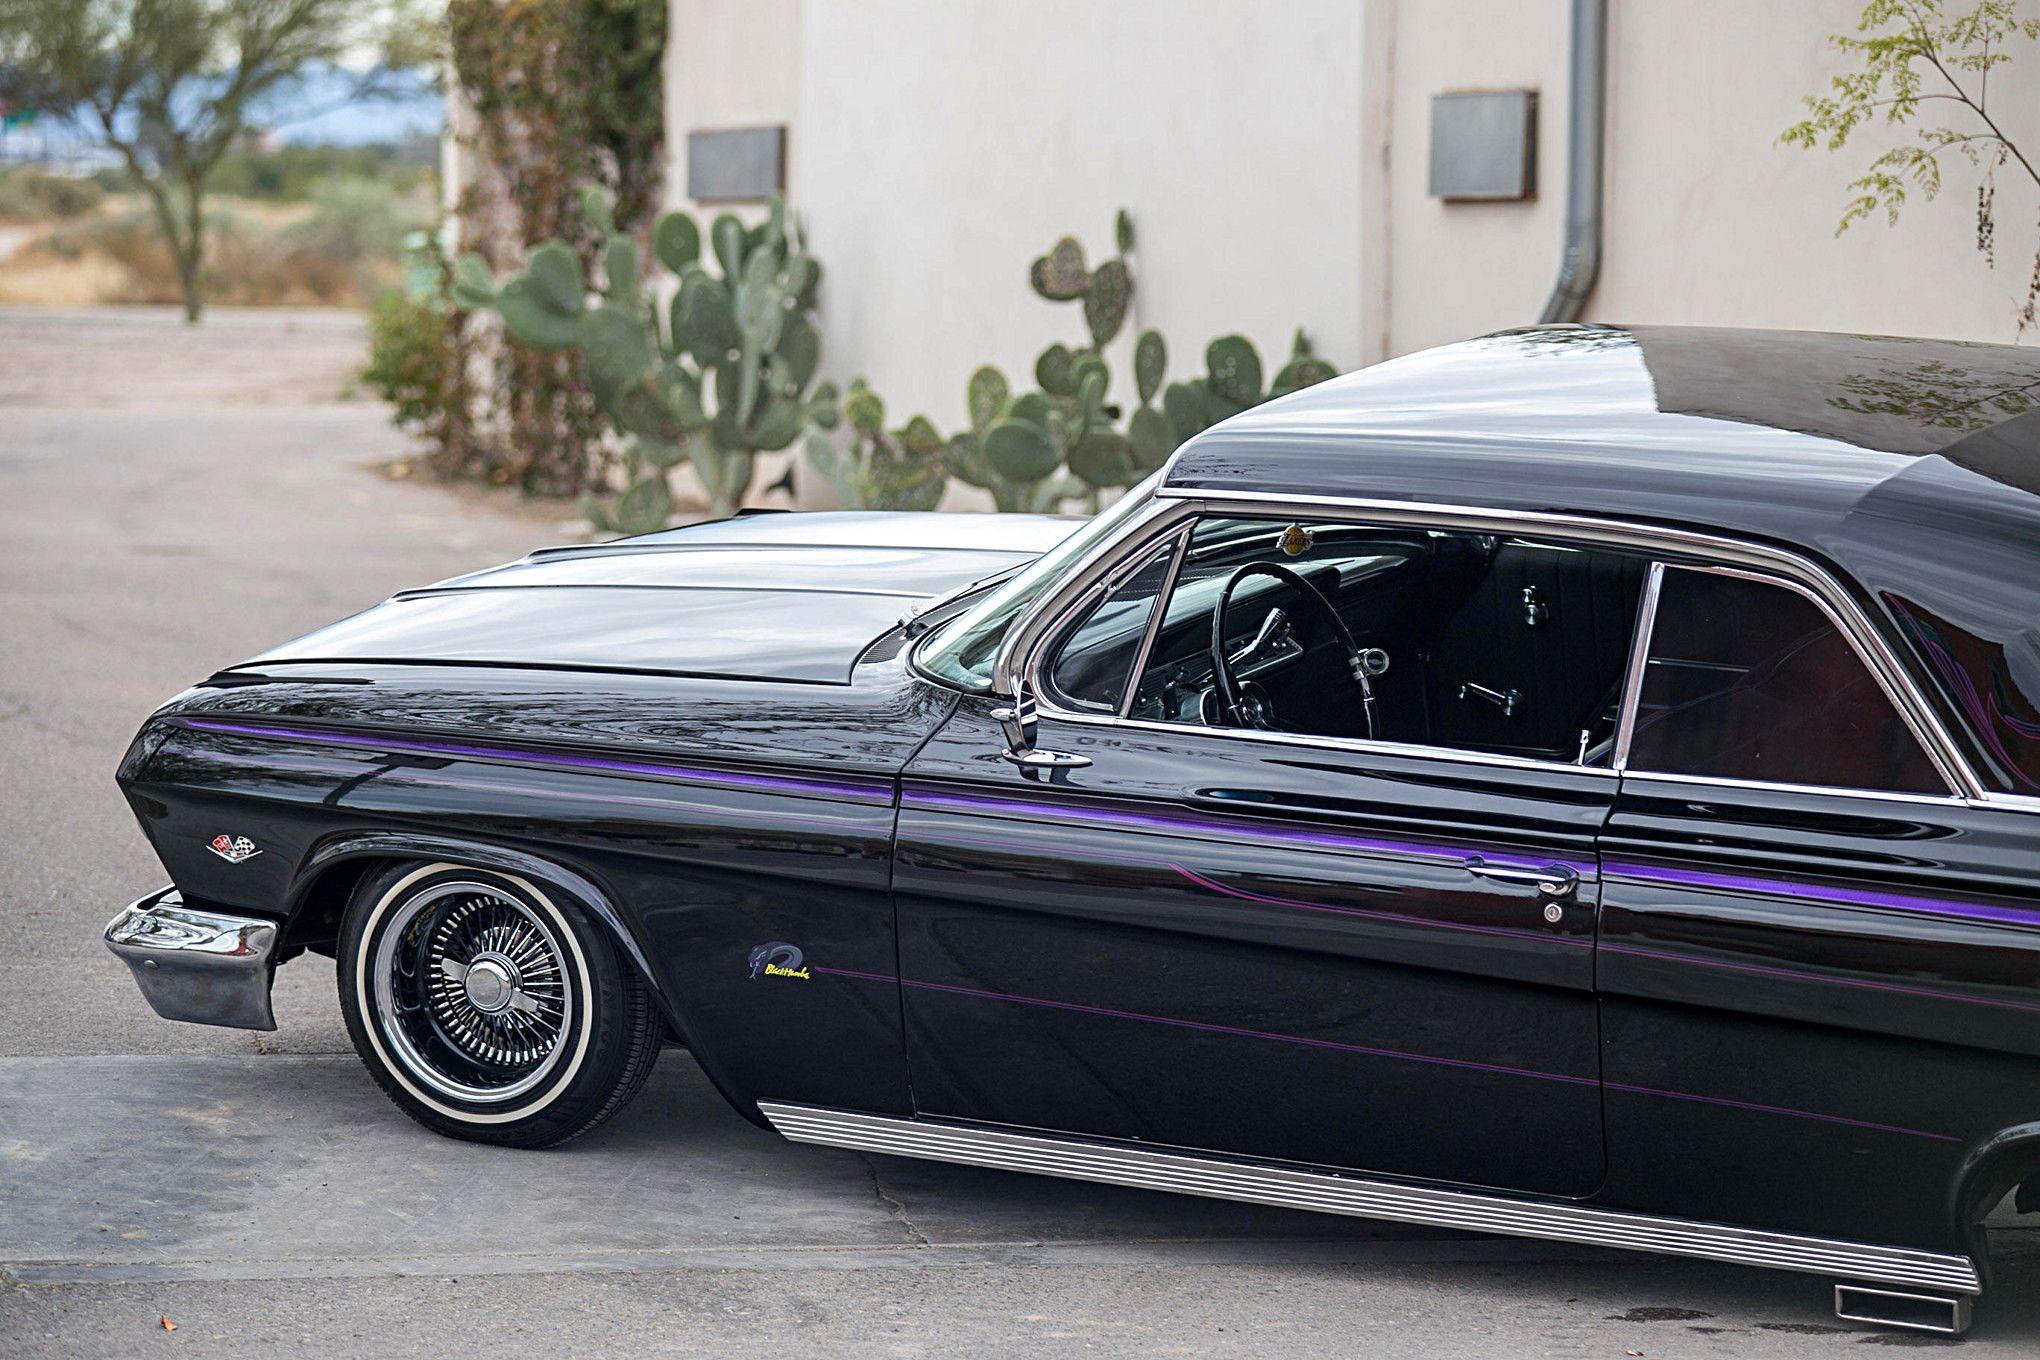 Rita Brena is a hard Laker fan After building her 62 Impala it